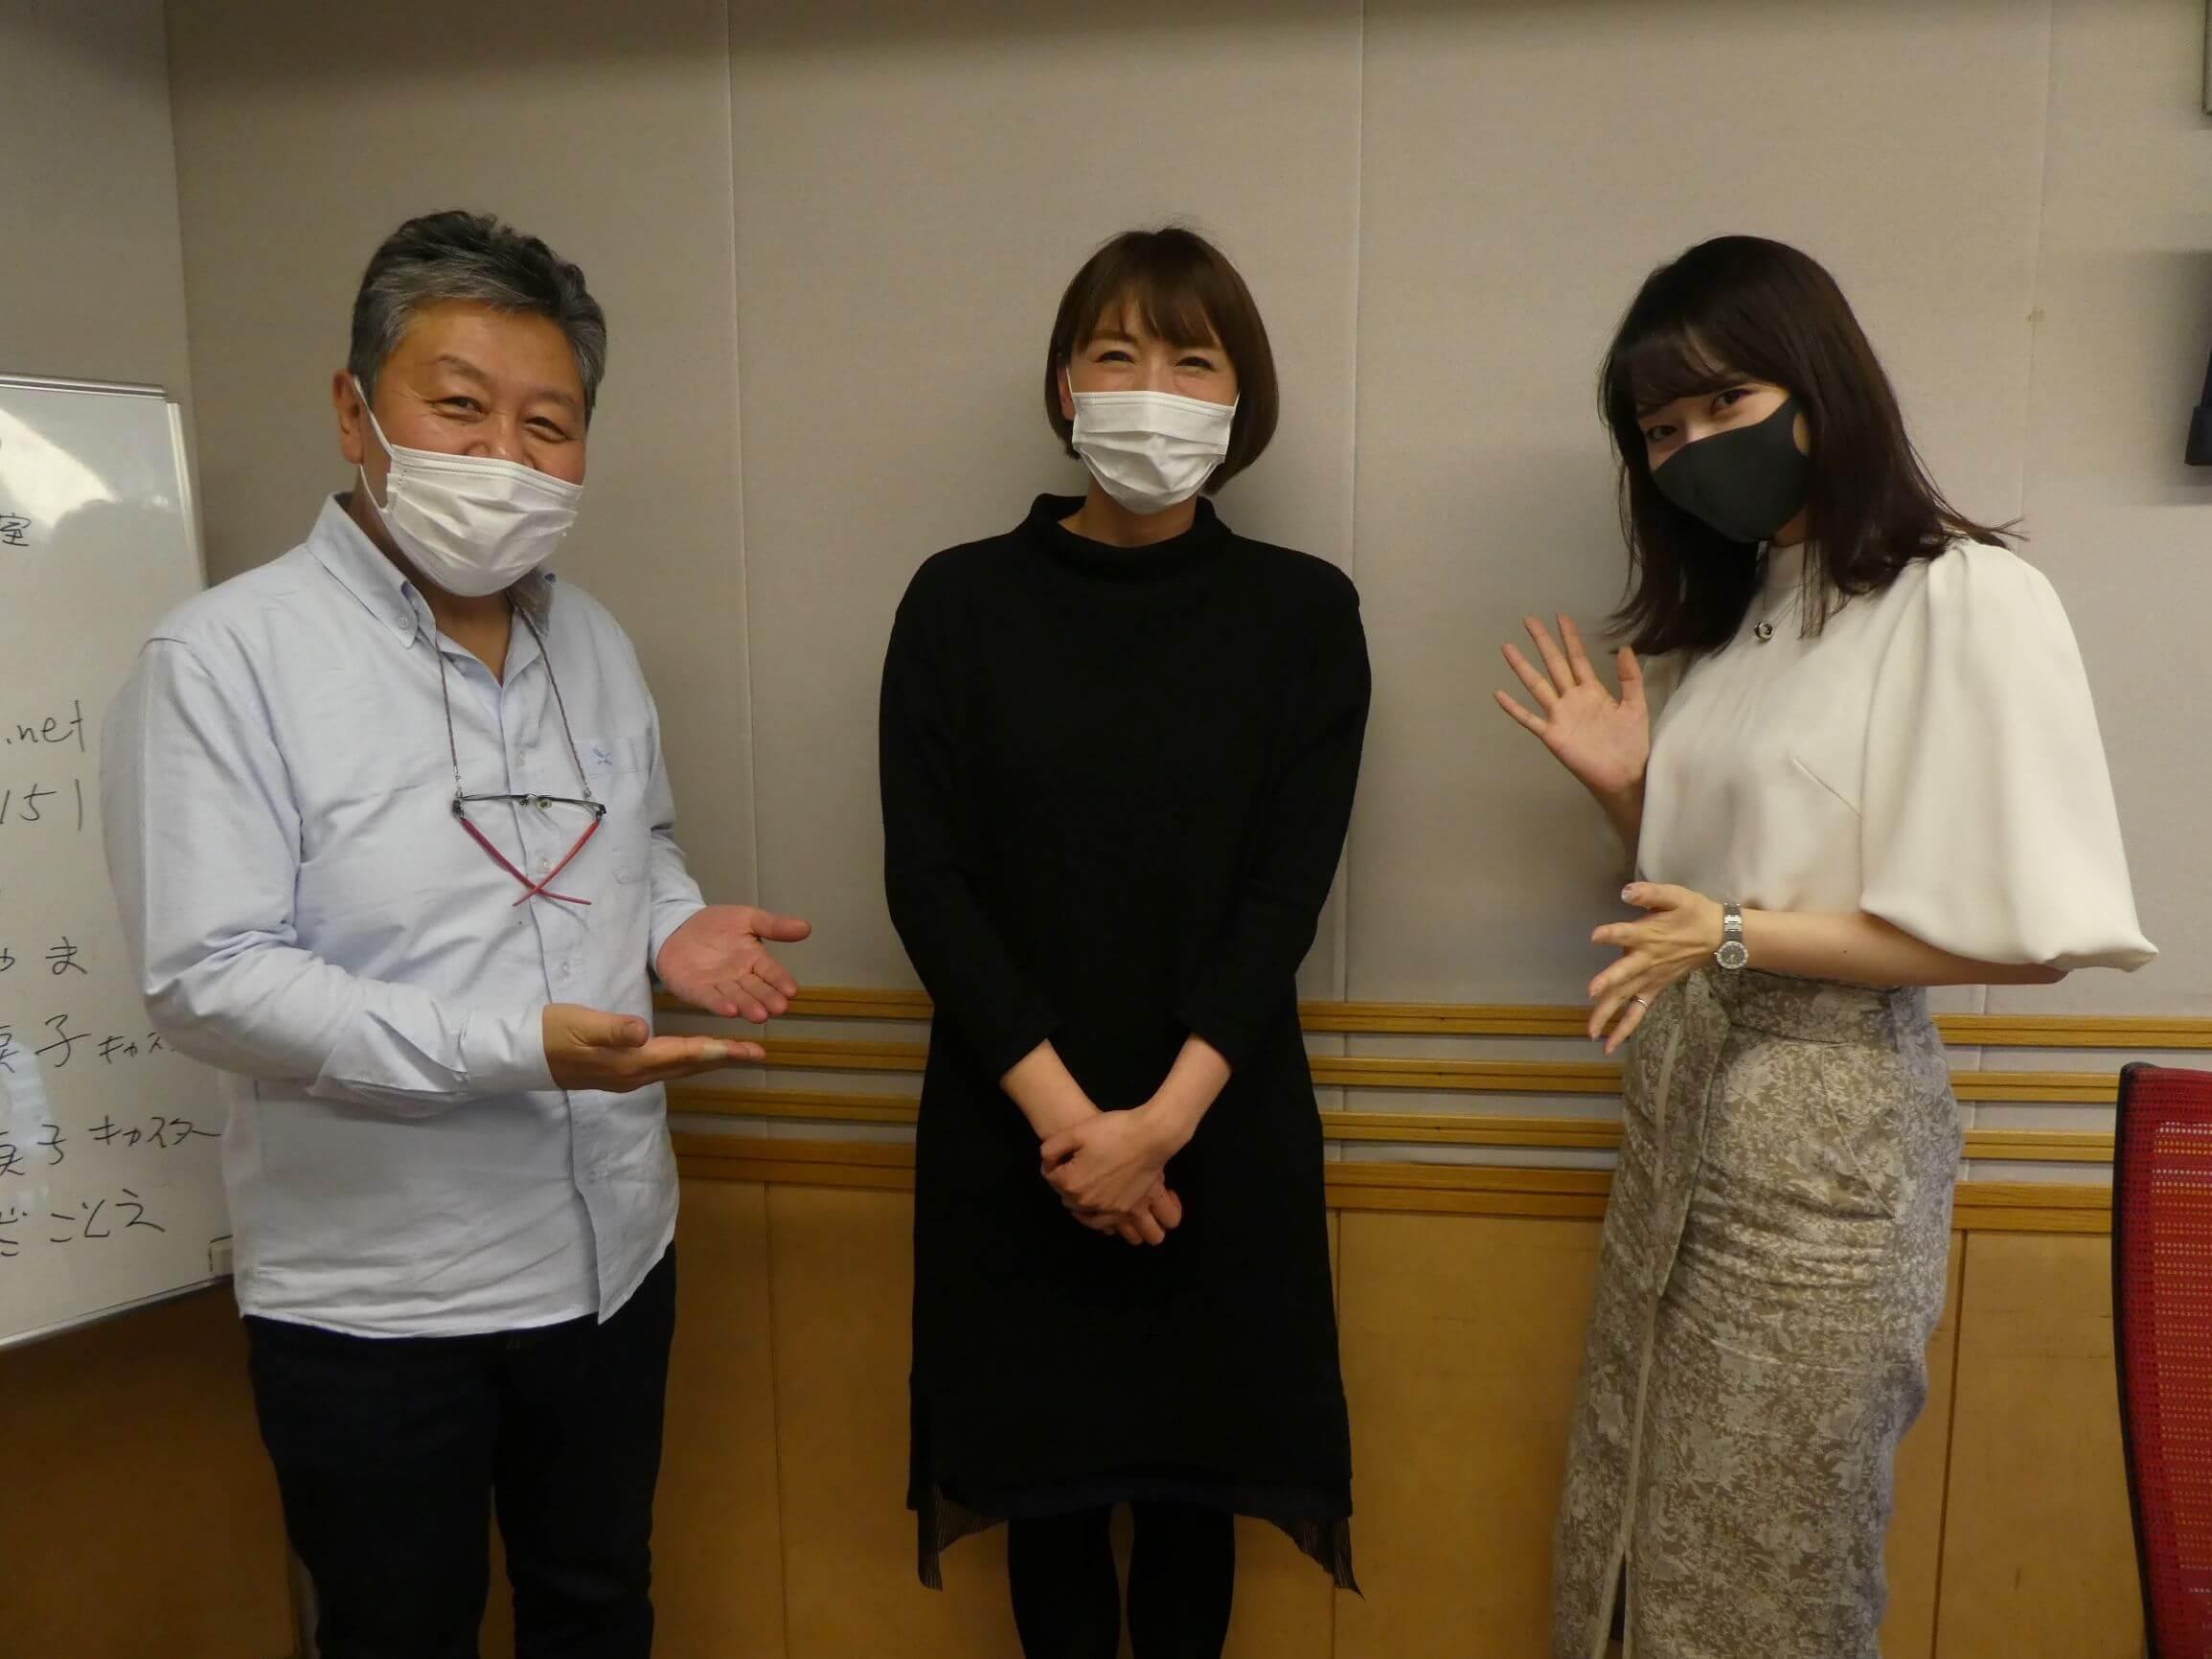 元バドミントン日本代表 小椋久美子さん